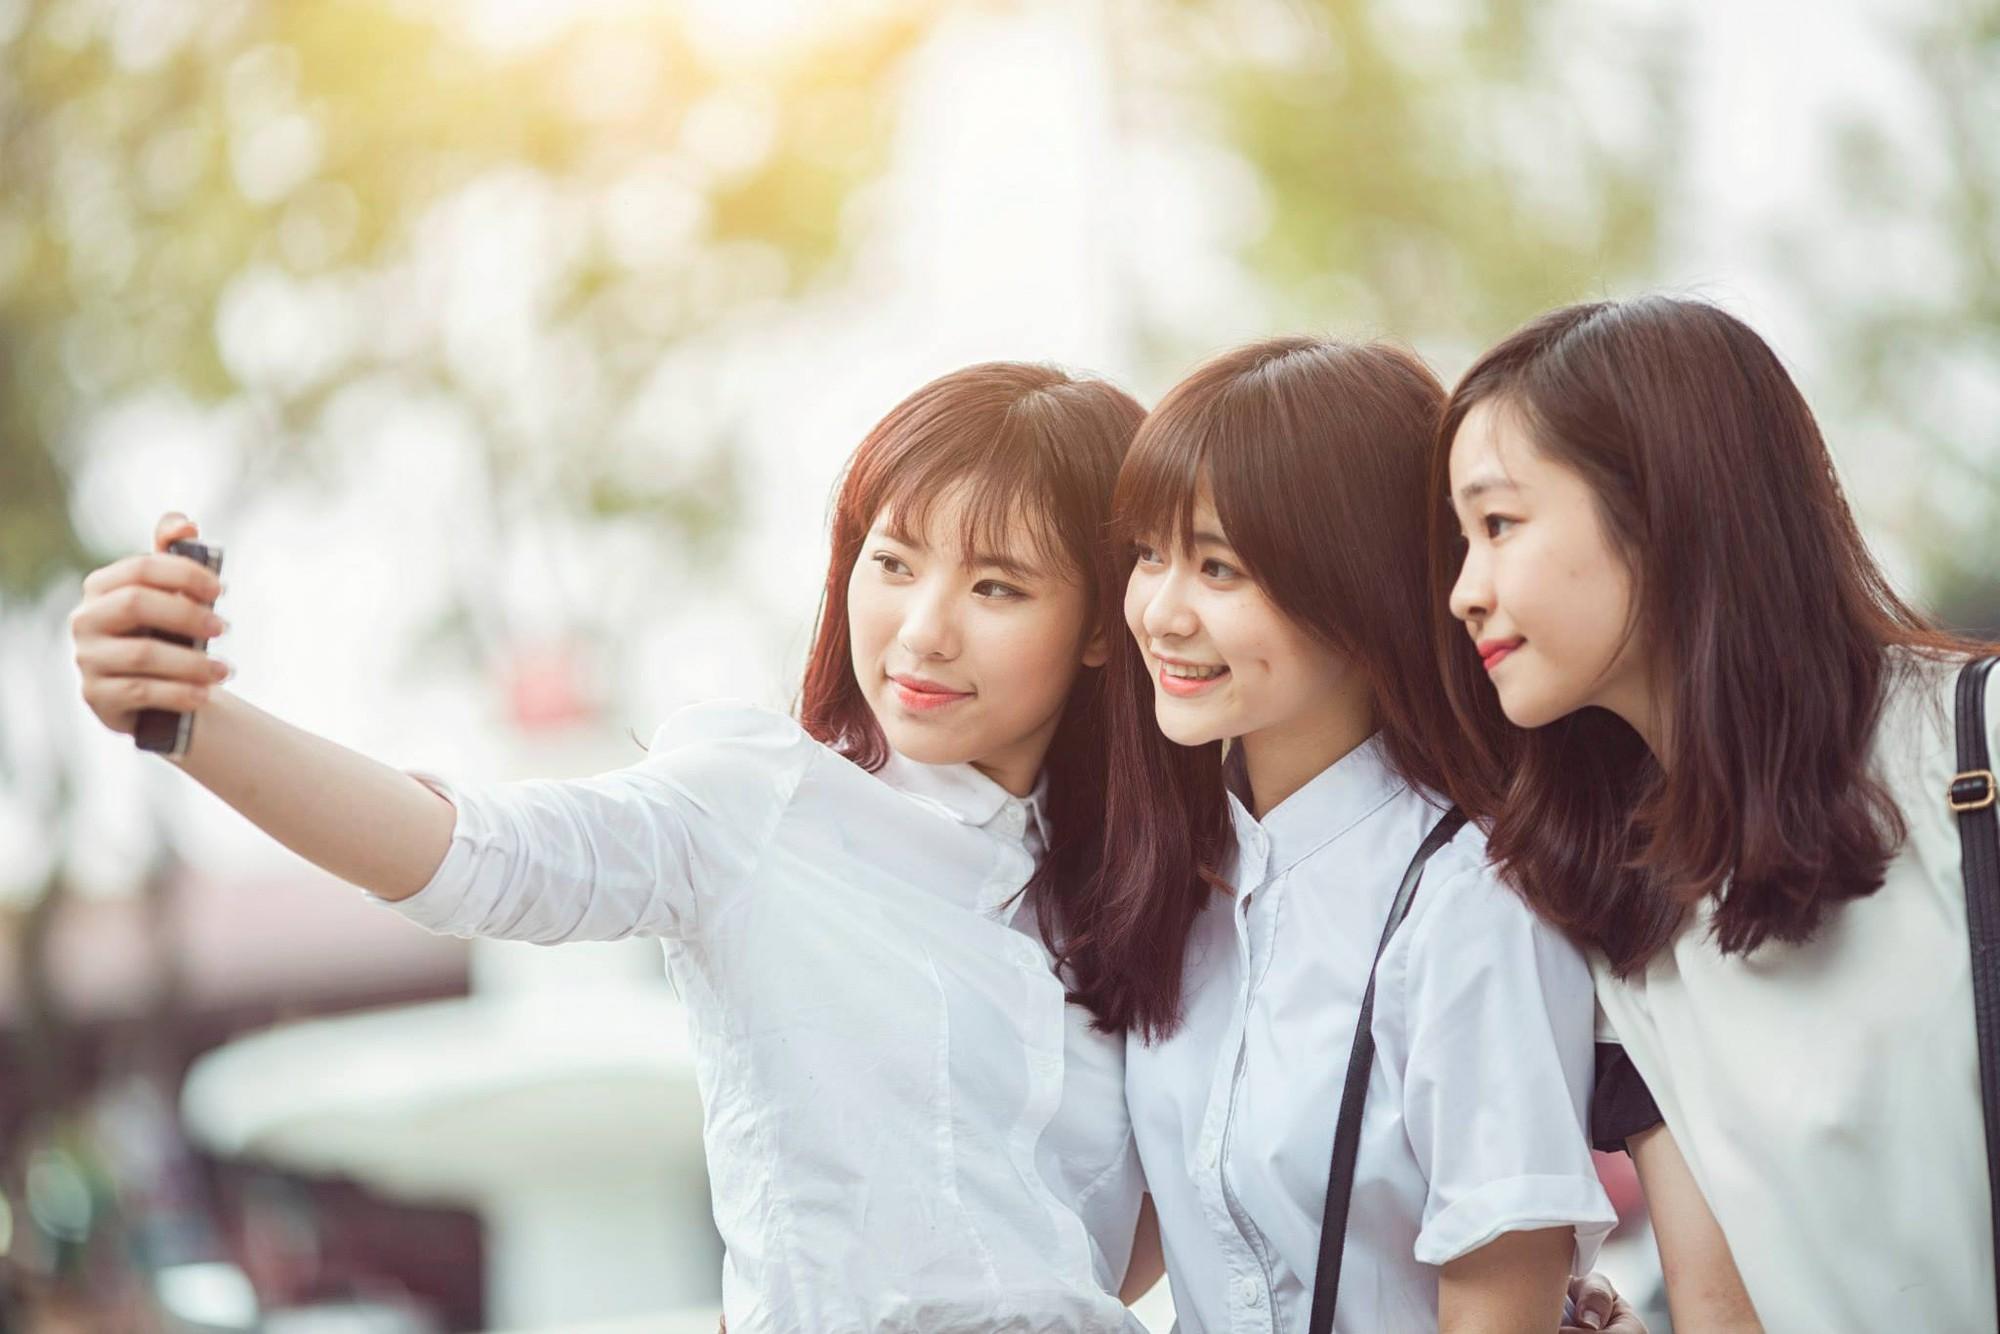 Đây là cô bạn du học sinh Việt với nụ cười má lúm đang được tìm khắp Facebook - Ảnh 4.